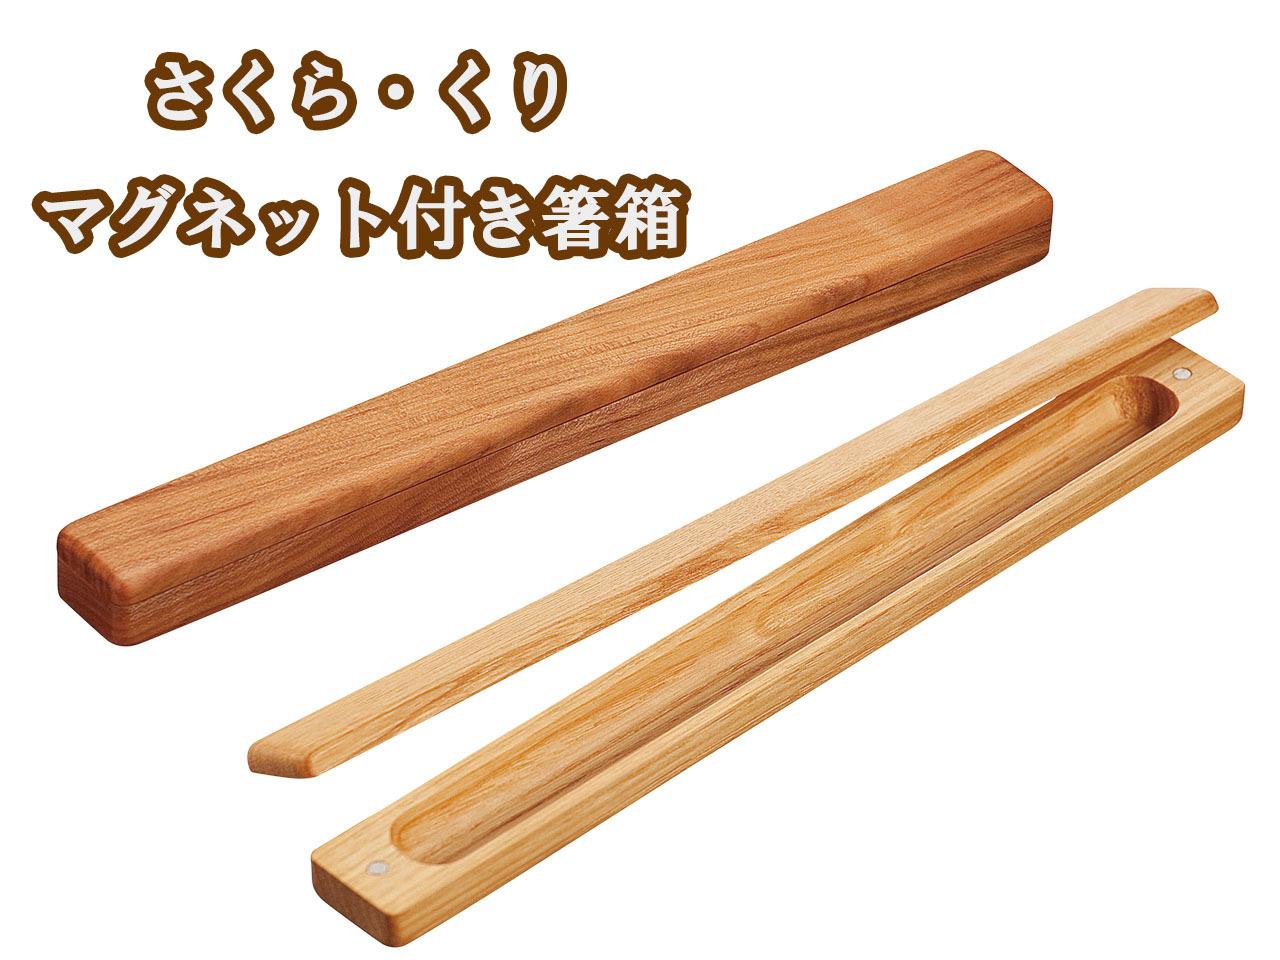 木製 「さくら・くり マグネット付き箸箱 26.5cm」 22cmまでの箸が入ります! ポストIN発送対応商品